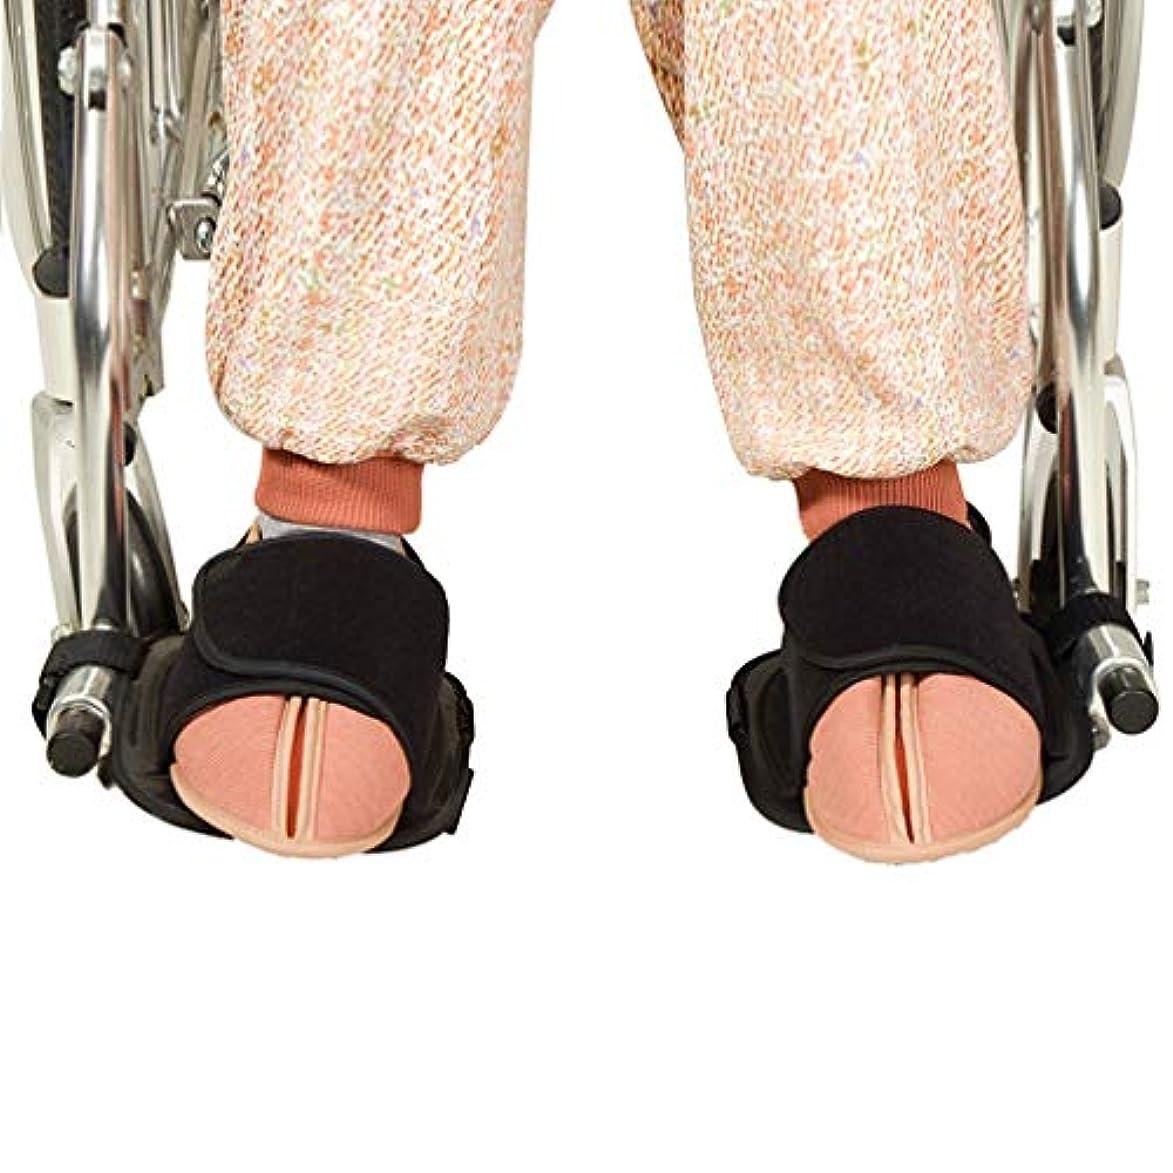 分岐する予備スキャンダラス車いす安全拘束靴 - メディカルフット滑り止めの試験官を - - 車椅子ペダルフット休符男性女性から滑り落ちるの足をキープ高齢患者ハンディキャップのために回復